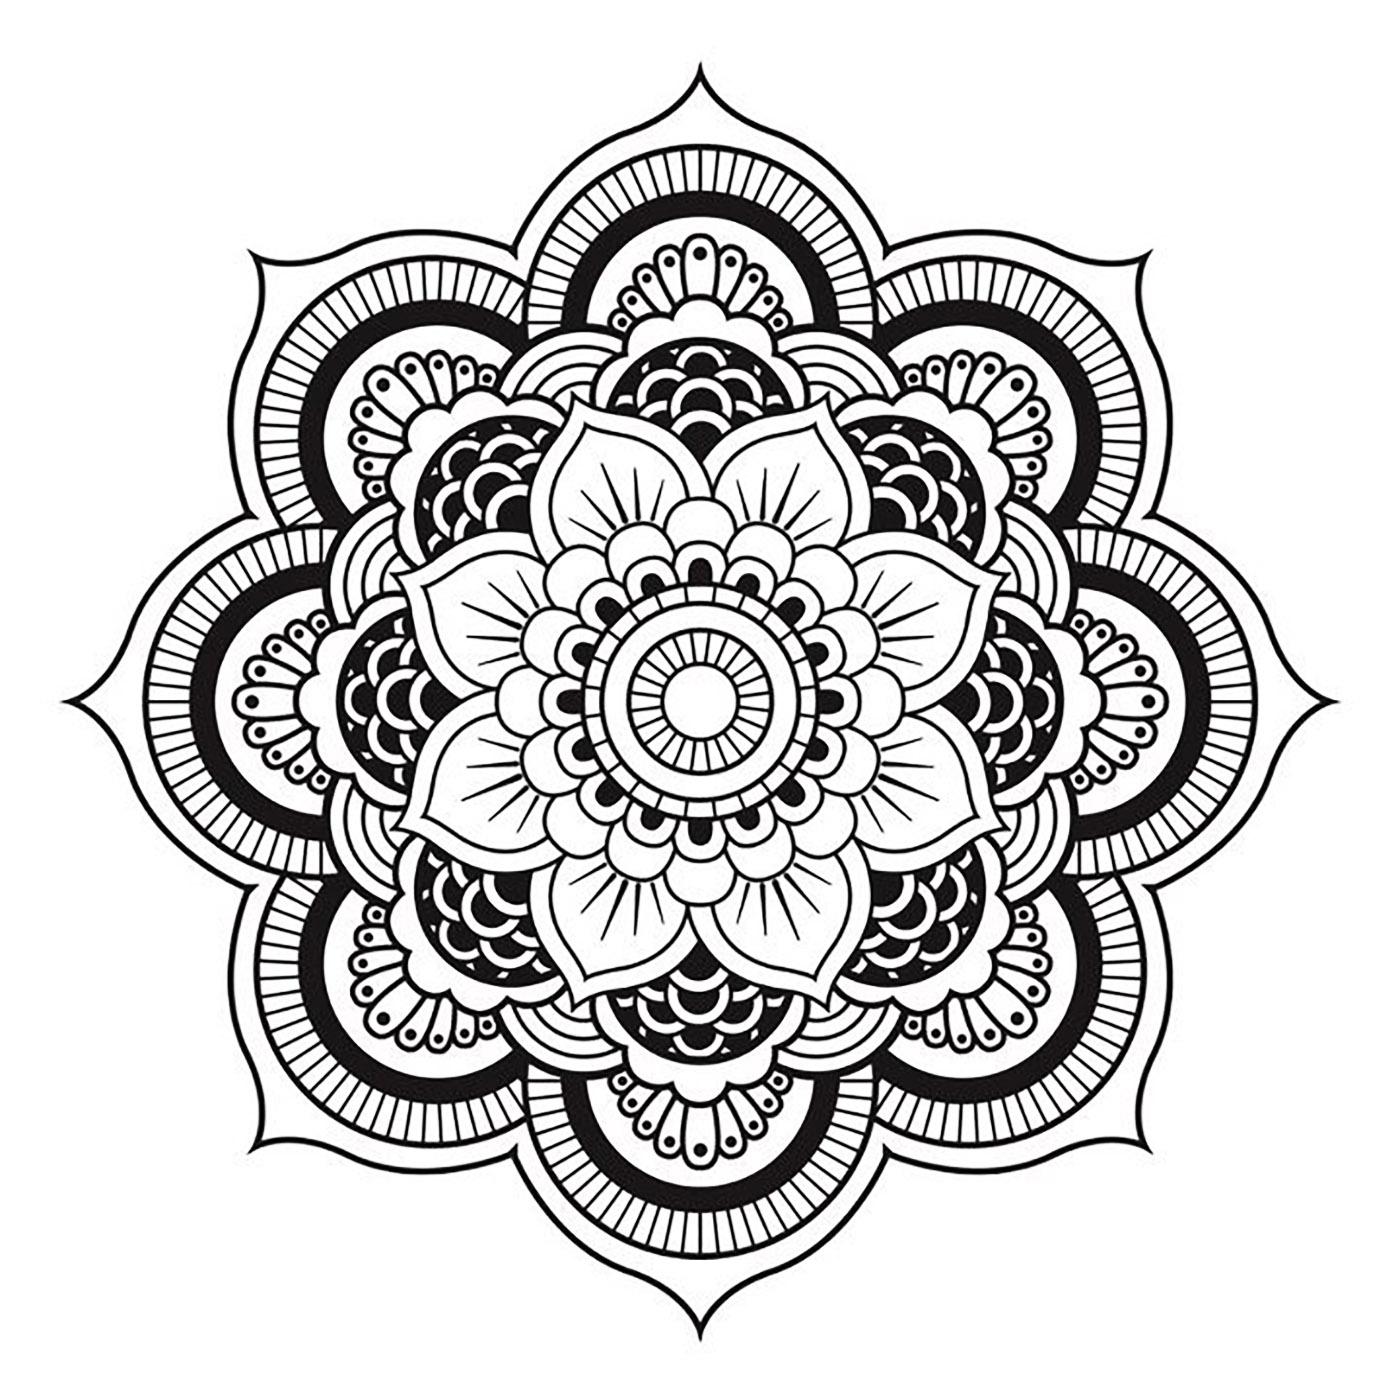 Mandala Fleur Symetrique Et Intriguante Mandalas De Difficulte